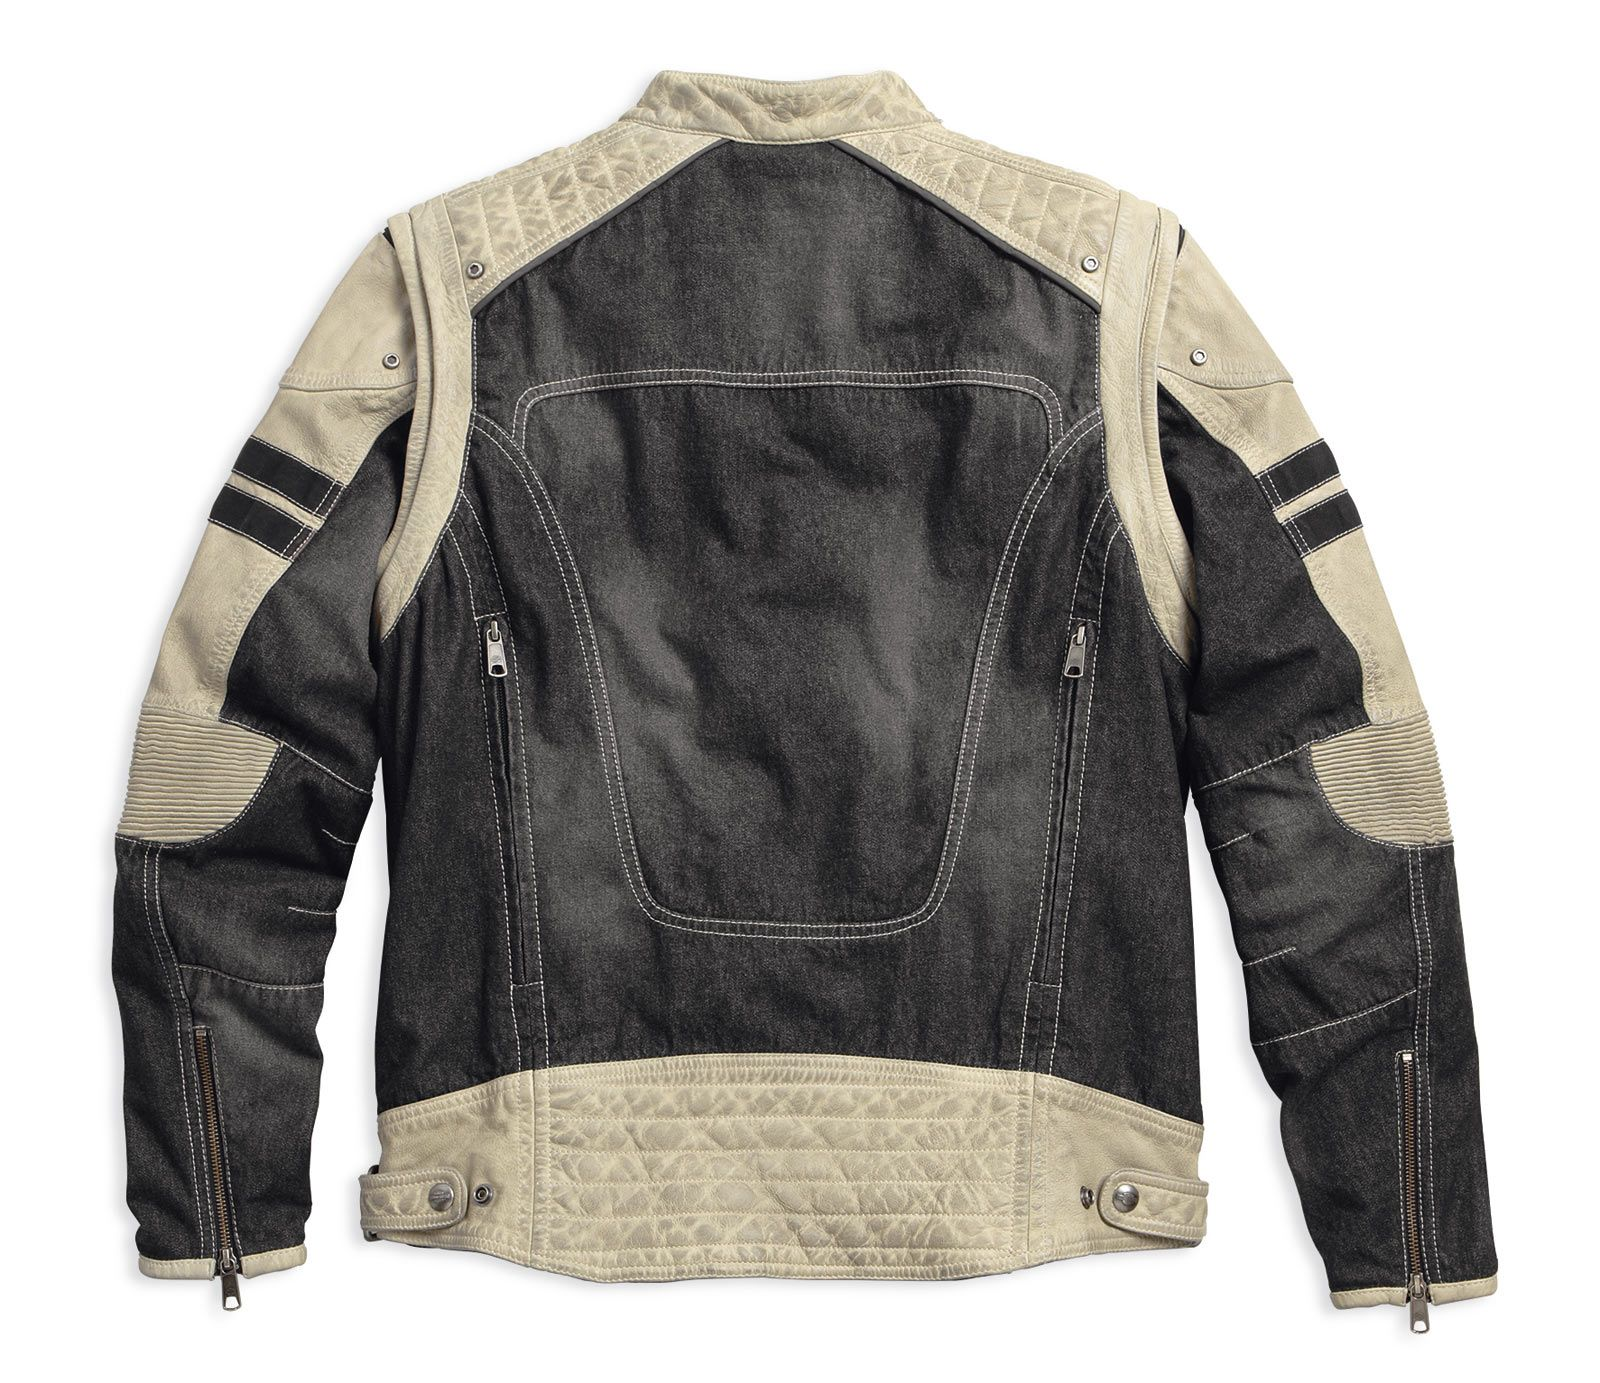 97142 17vm harley davidson riding jacket knave textile. Black Bedroom Furniture Sets. Home Design Ideas